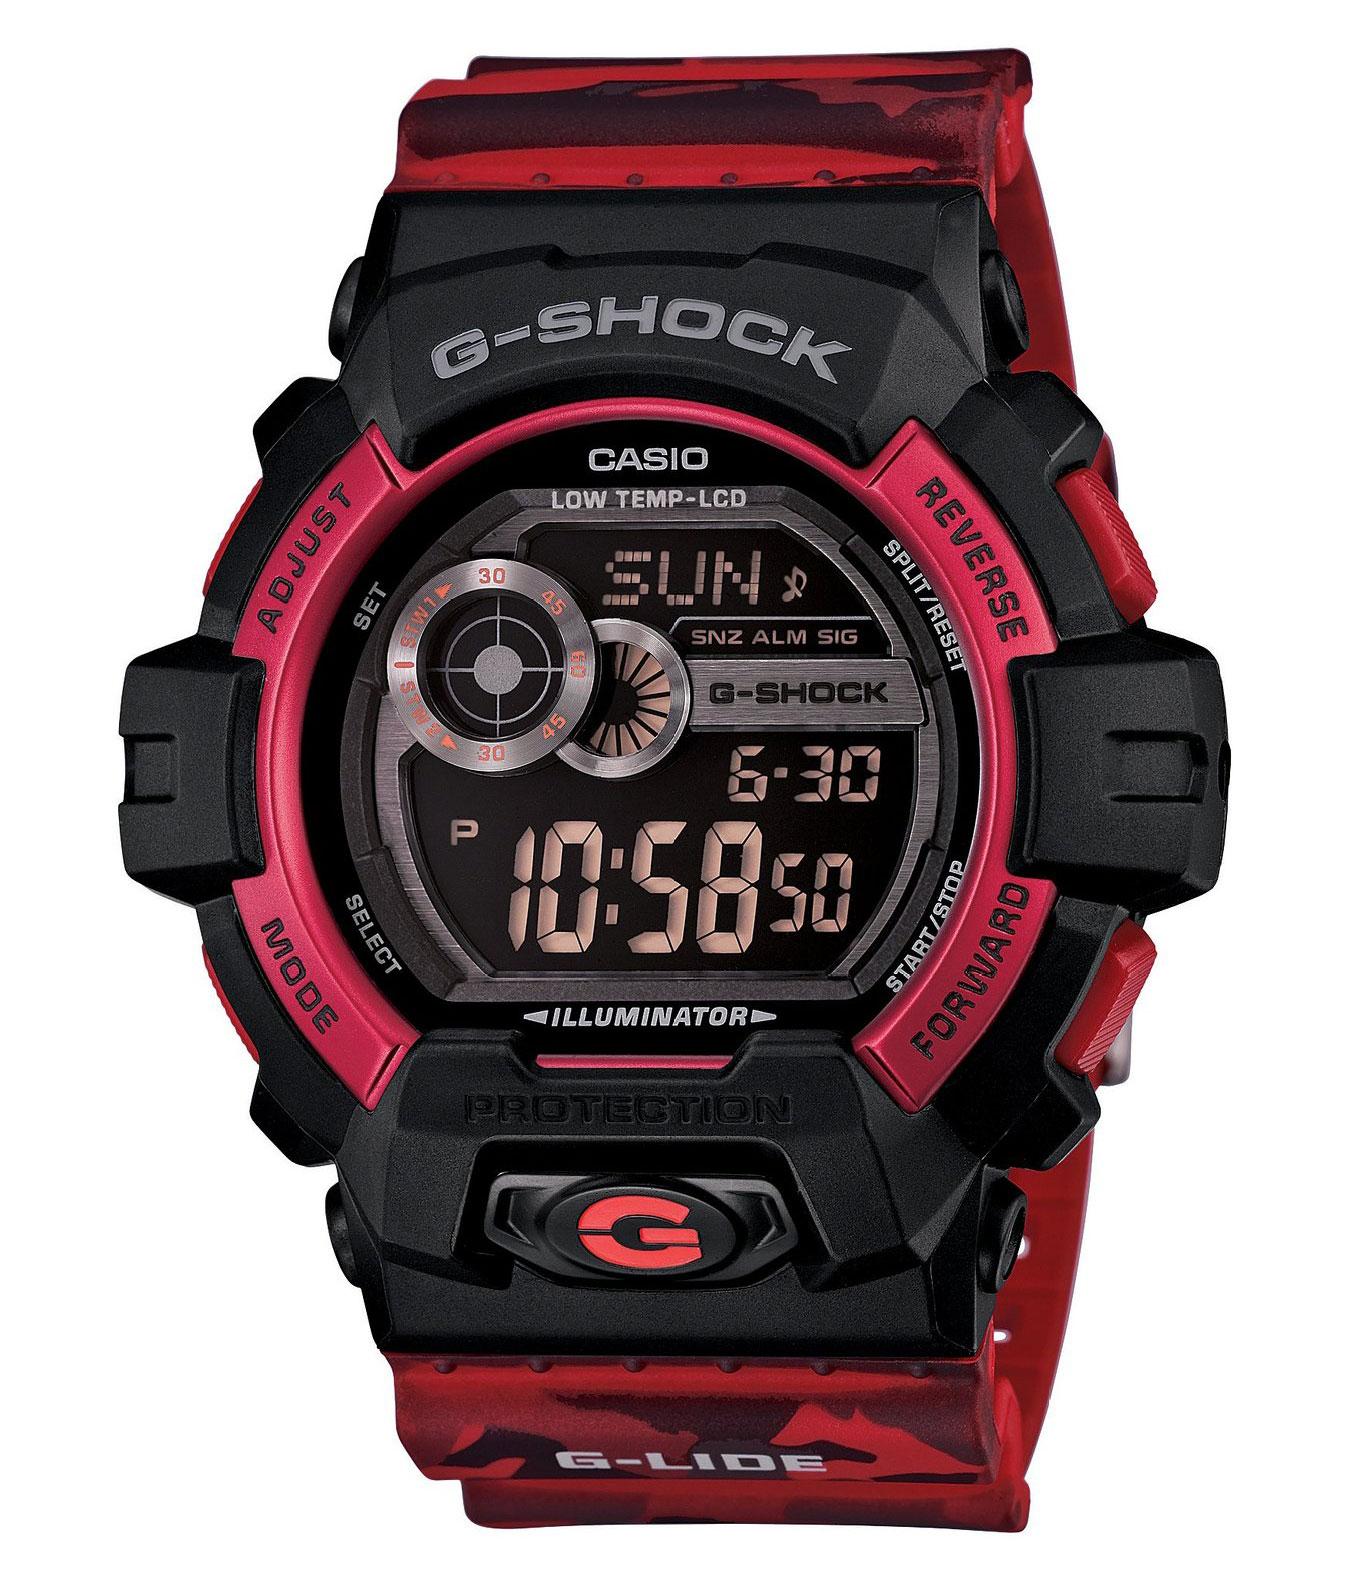 Часы мужские наручные Casio G-SHOCK, цвет: красный, черный. GLS-8900CM-4EGLS-8900CM-4EСтильные мужские часы Casio G-SHOCK выполнены из полимерных материалов и минерального стекла. Изделие дополнено светодиодной подсветкой высокой яркости, корпус часов оформлен символикой бренда и оригинальным принтом камуфляж. В часах предусмотрен цифровой отсчет времени. Часы оснащены функцией мирового времени, которая позволяет мгновенно выяснять текущее время. Часы могут быть настроены на подачу тонального или светового сигнала при наступлении выставленного времени. Функция таймера позволит обеспечить обратный отсчет времени, начиная с выставленного и подачу тонального или светового сигнала, когда отсчет доходит до нуля. Функция секундомера позволит замерять прошедшее время в пределах тысячи часов с точностью 1/100 секунды, предусмотрен будильник. Степень влагозащиты 20 atm. Изделие дополнено ремешком из полимерного материала, который обладает антибактериальными и запахоустойчивыми свойствами. Ремешок застегивается на пряжку, позволяющую максимально комфортно и быстро...